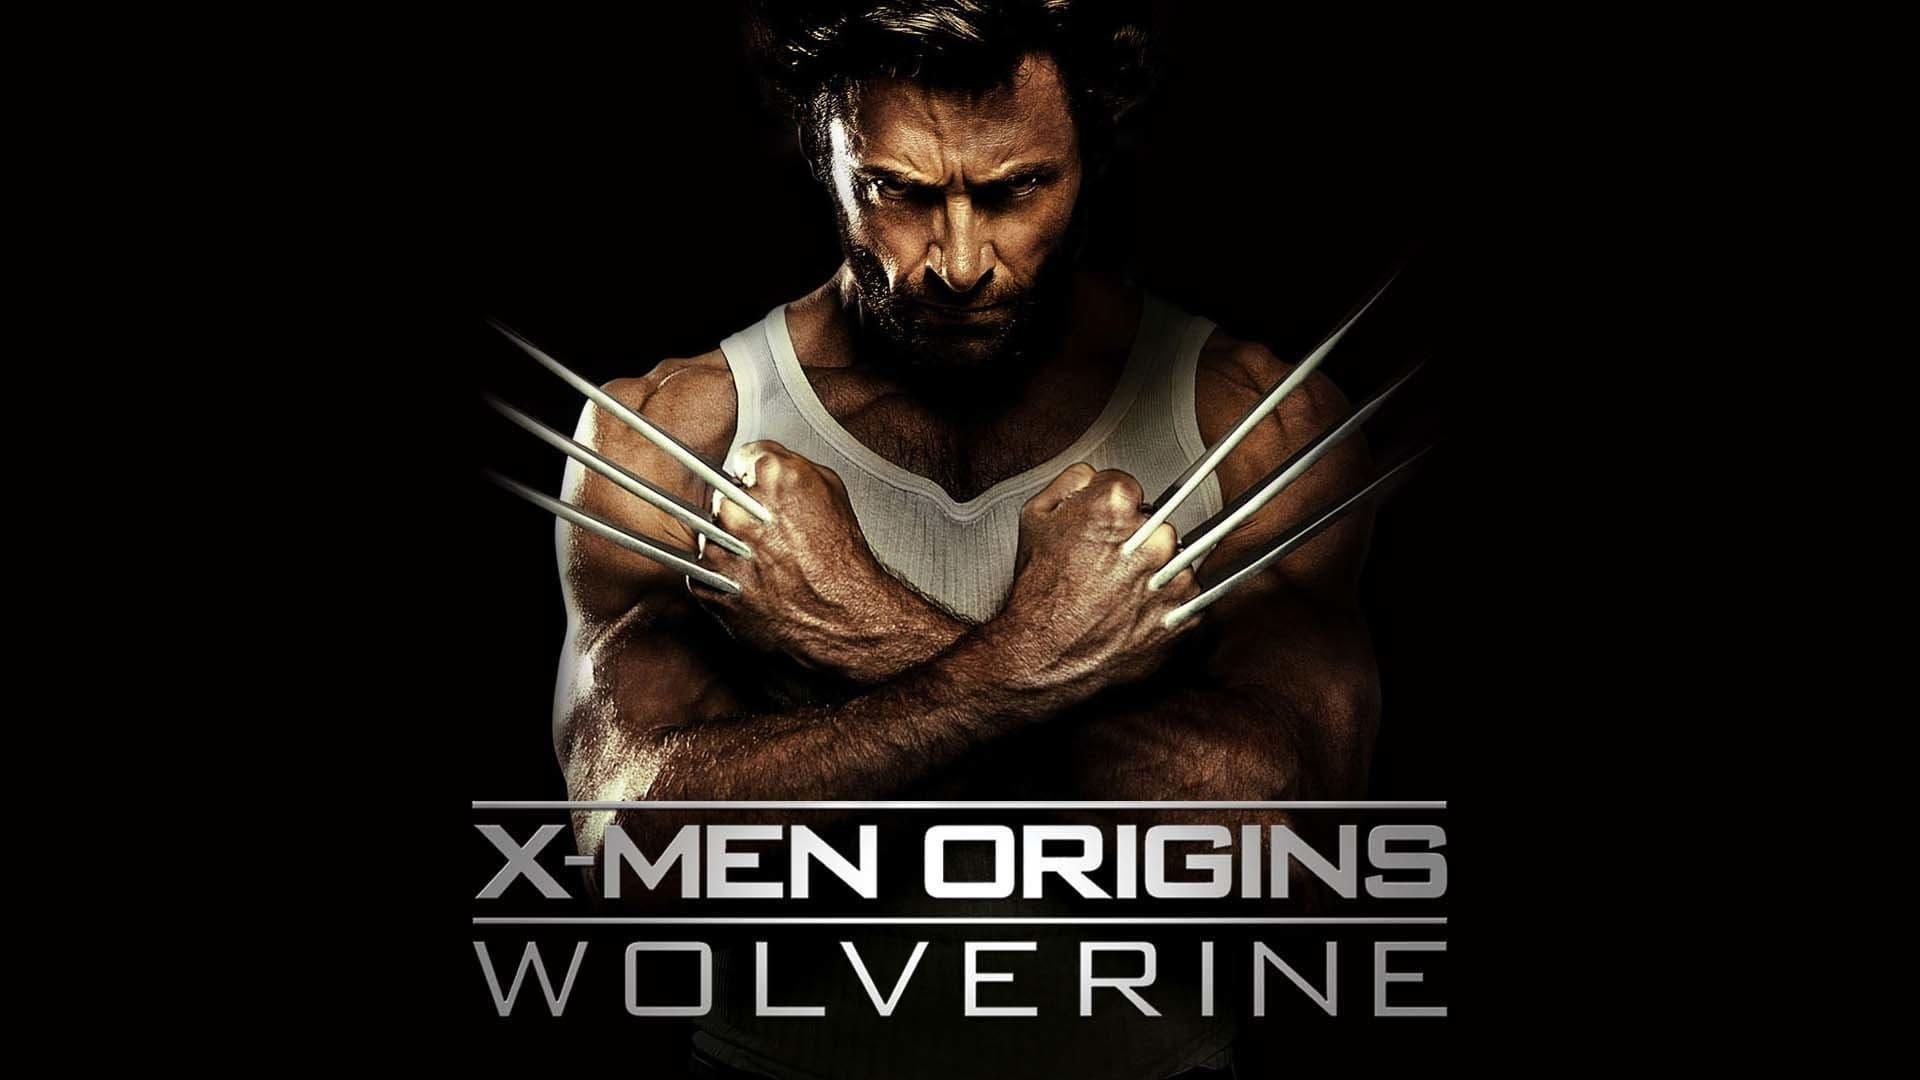 xmen origins wolverine 2009 watch viooz